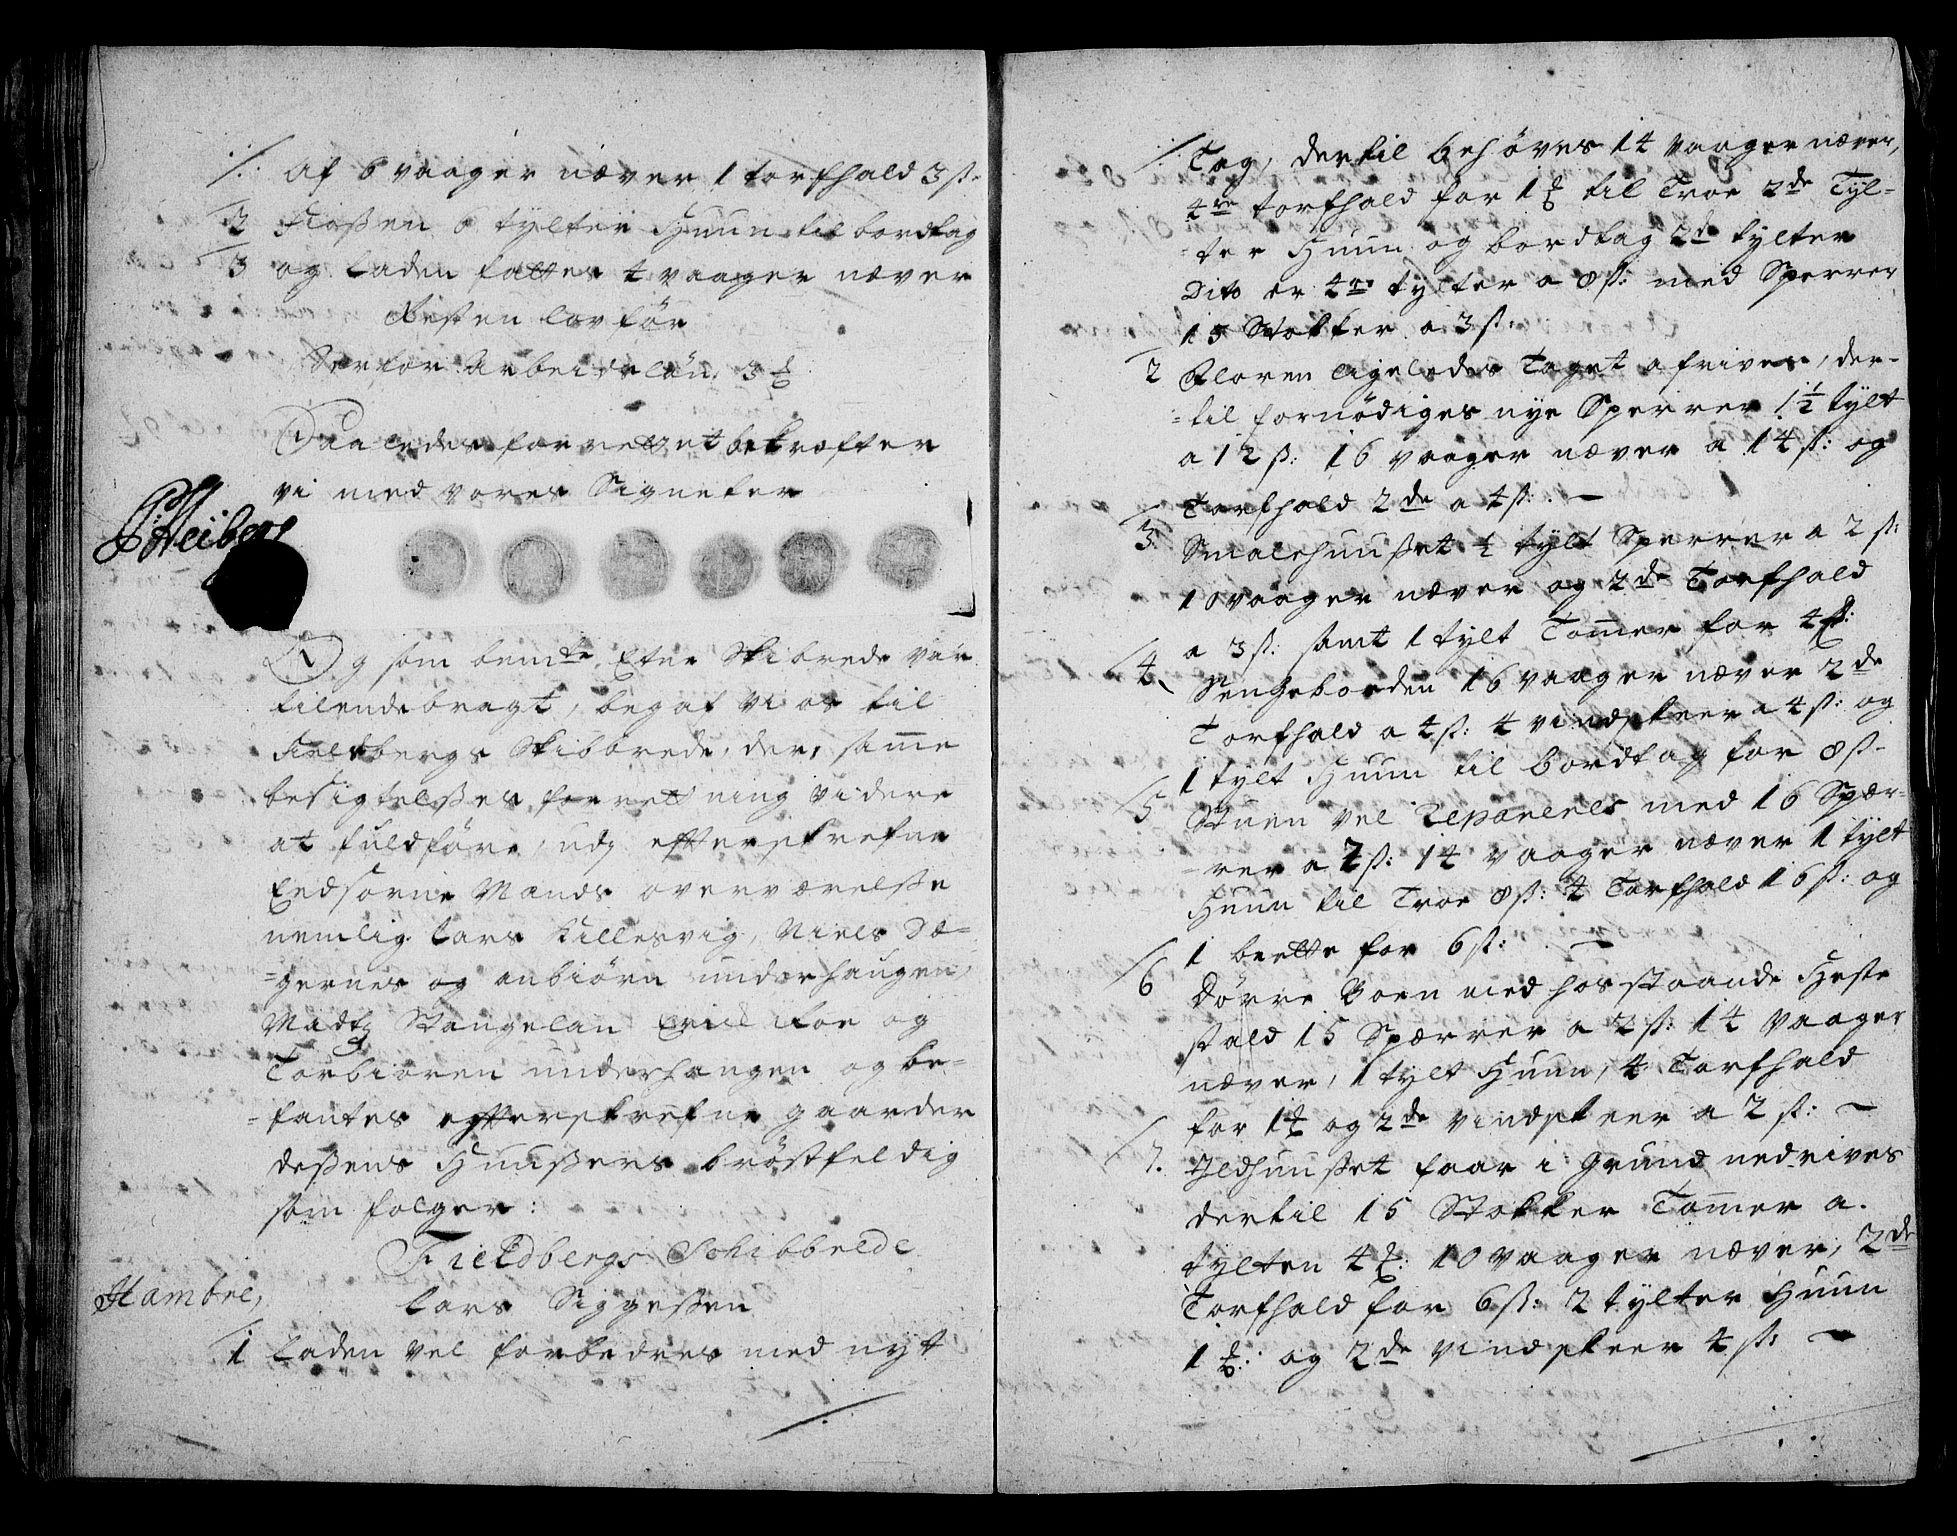 RA, Rentekammeret inntil 1814, Realistisk ordnet avdeling, On/L0003: [Jj 4]: Kommisjonsforretning over Vilhelm Hanssøns forpaktning av Halsnøy klosters gods, 1721-1729, s. 22